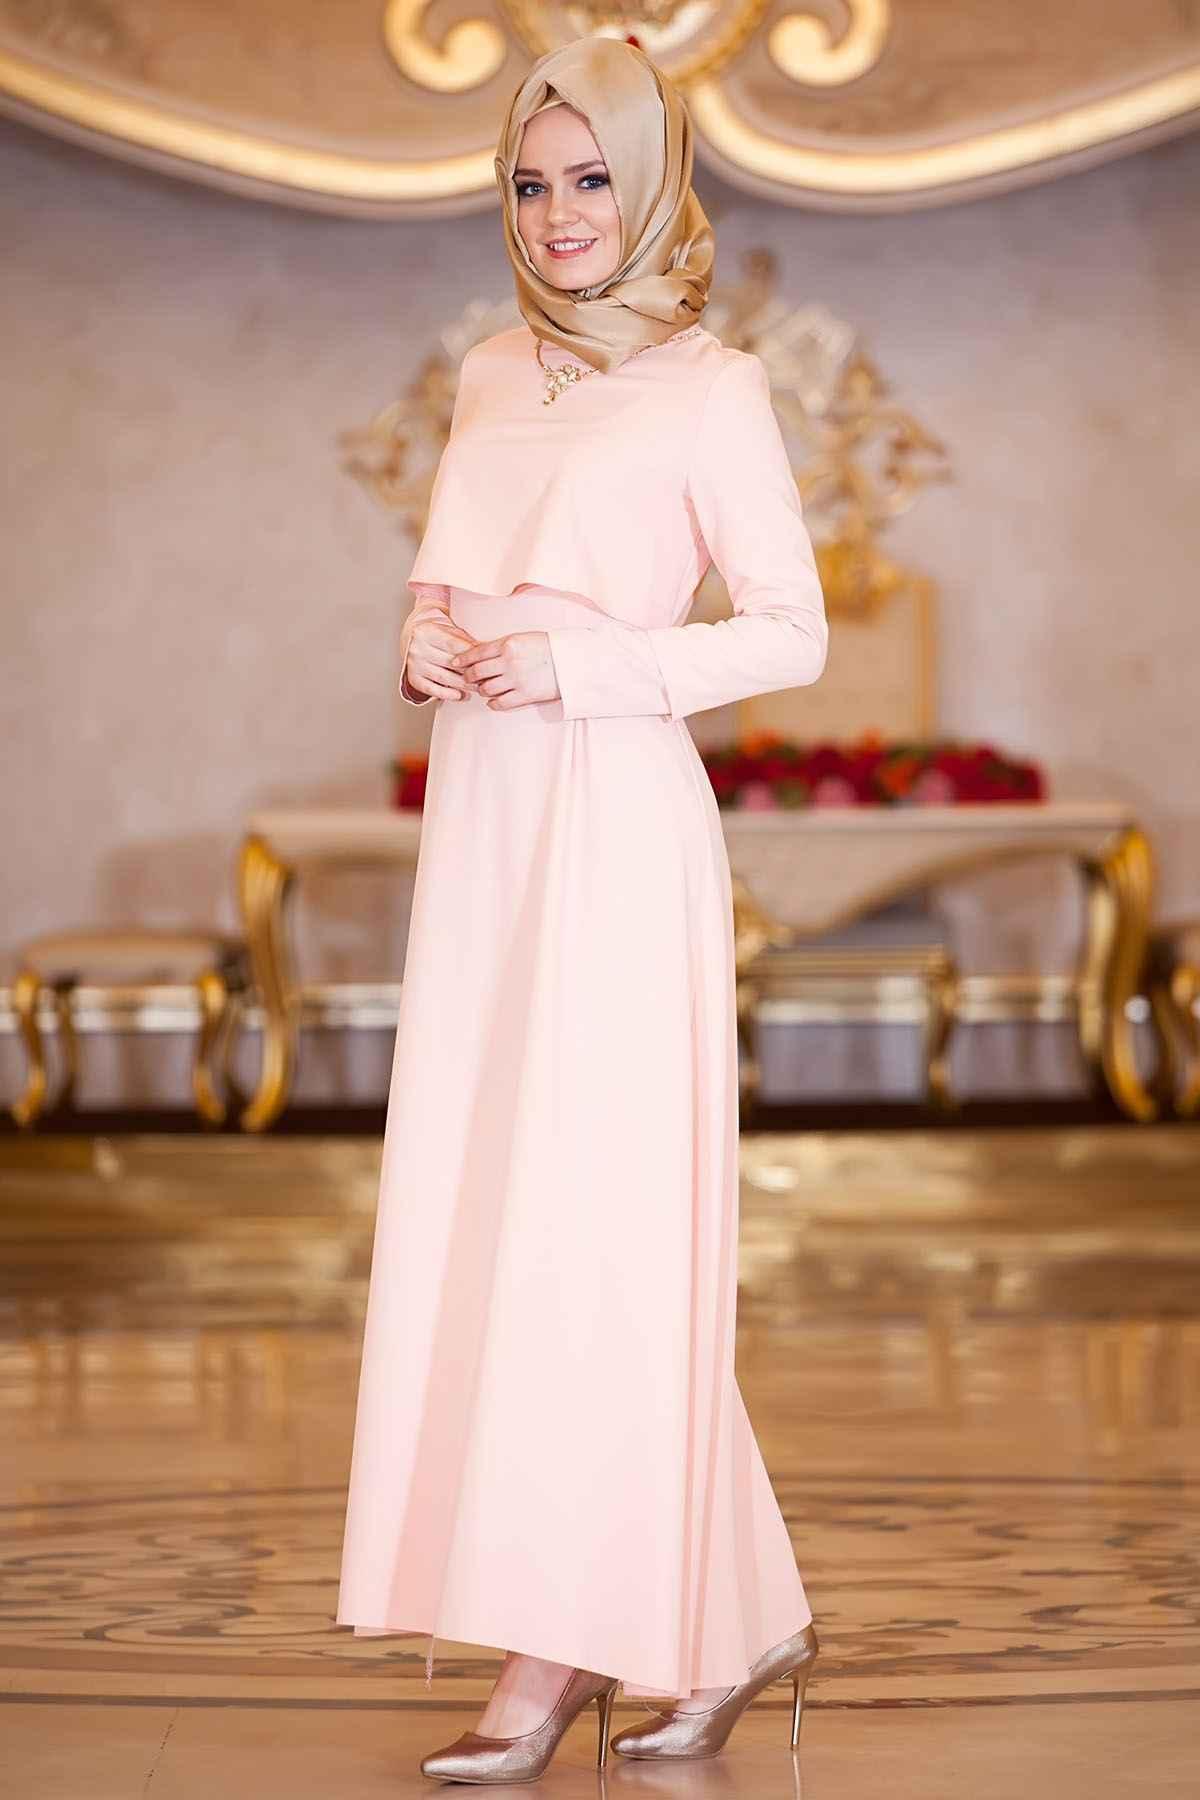 Sedanur Tesettür Somon Renk Kıyafet Modası